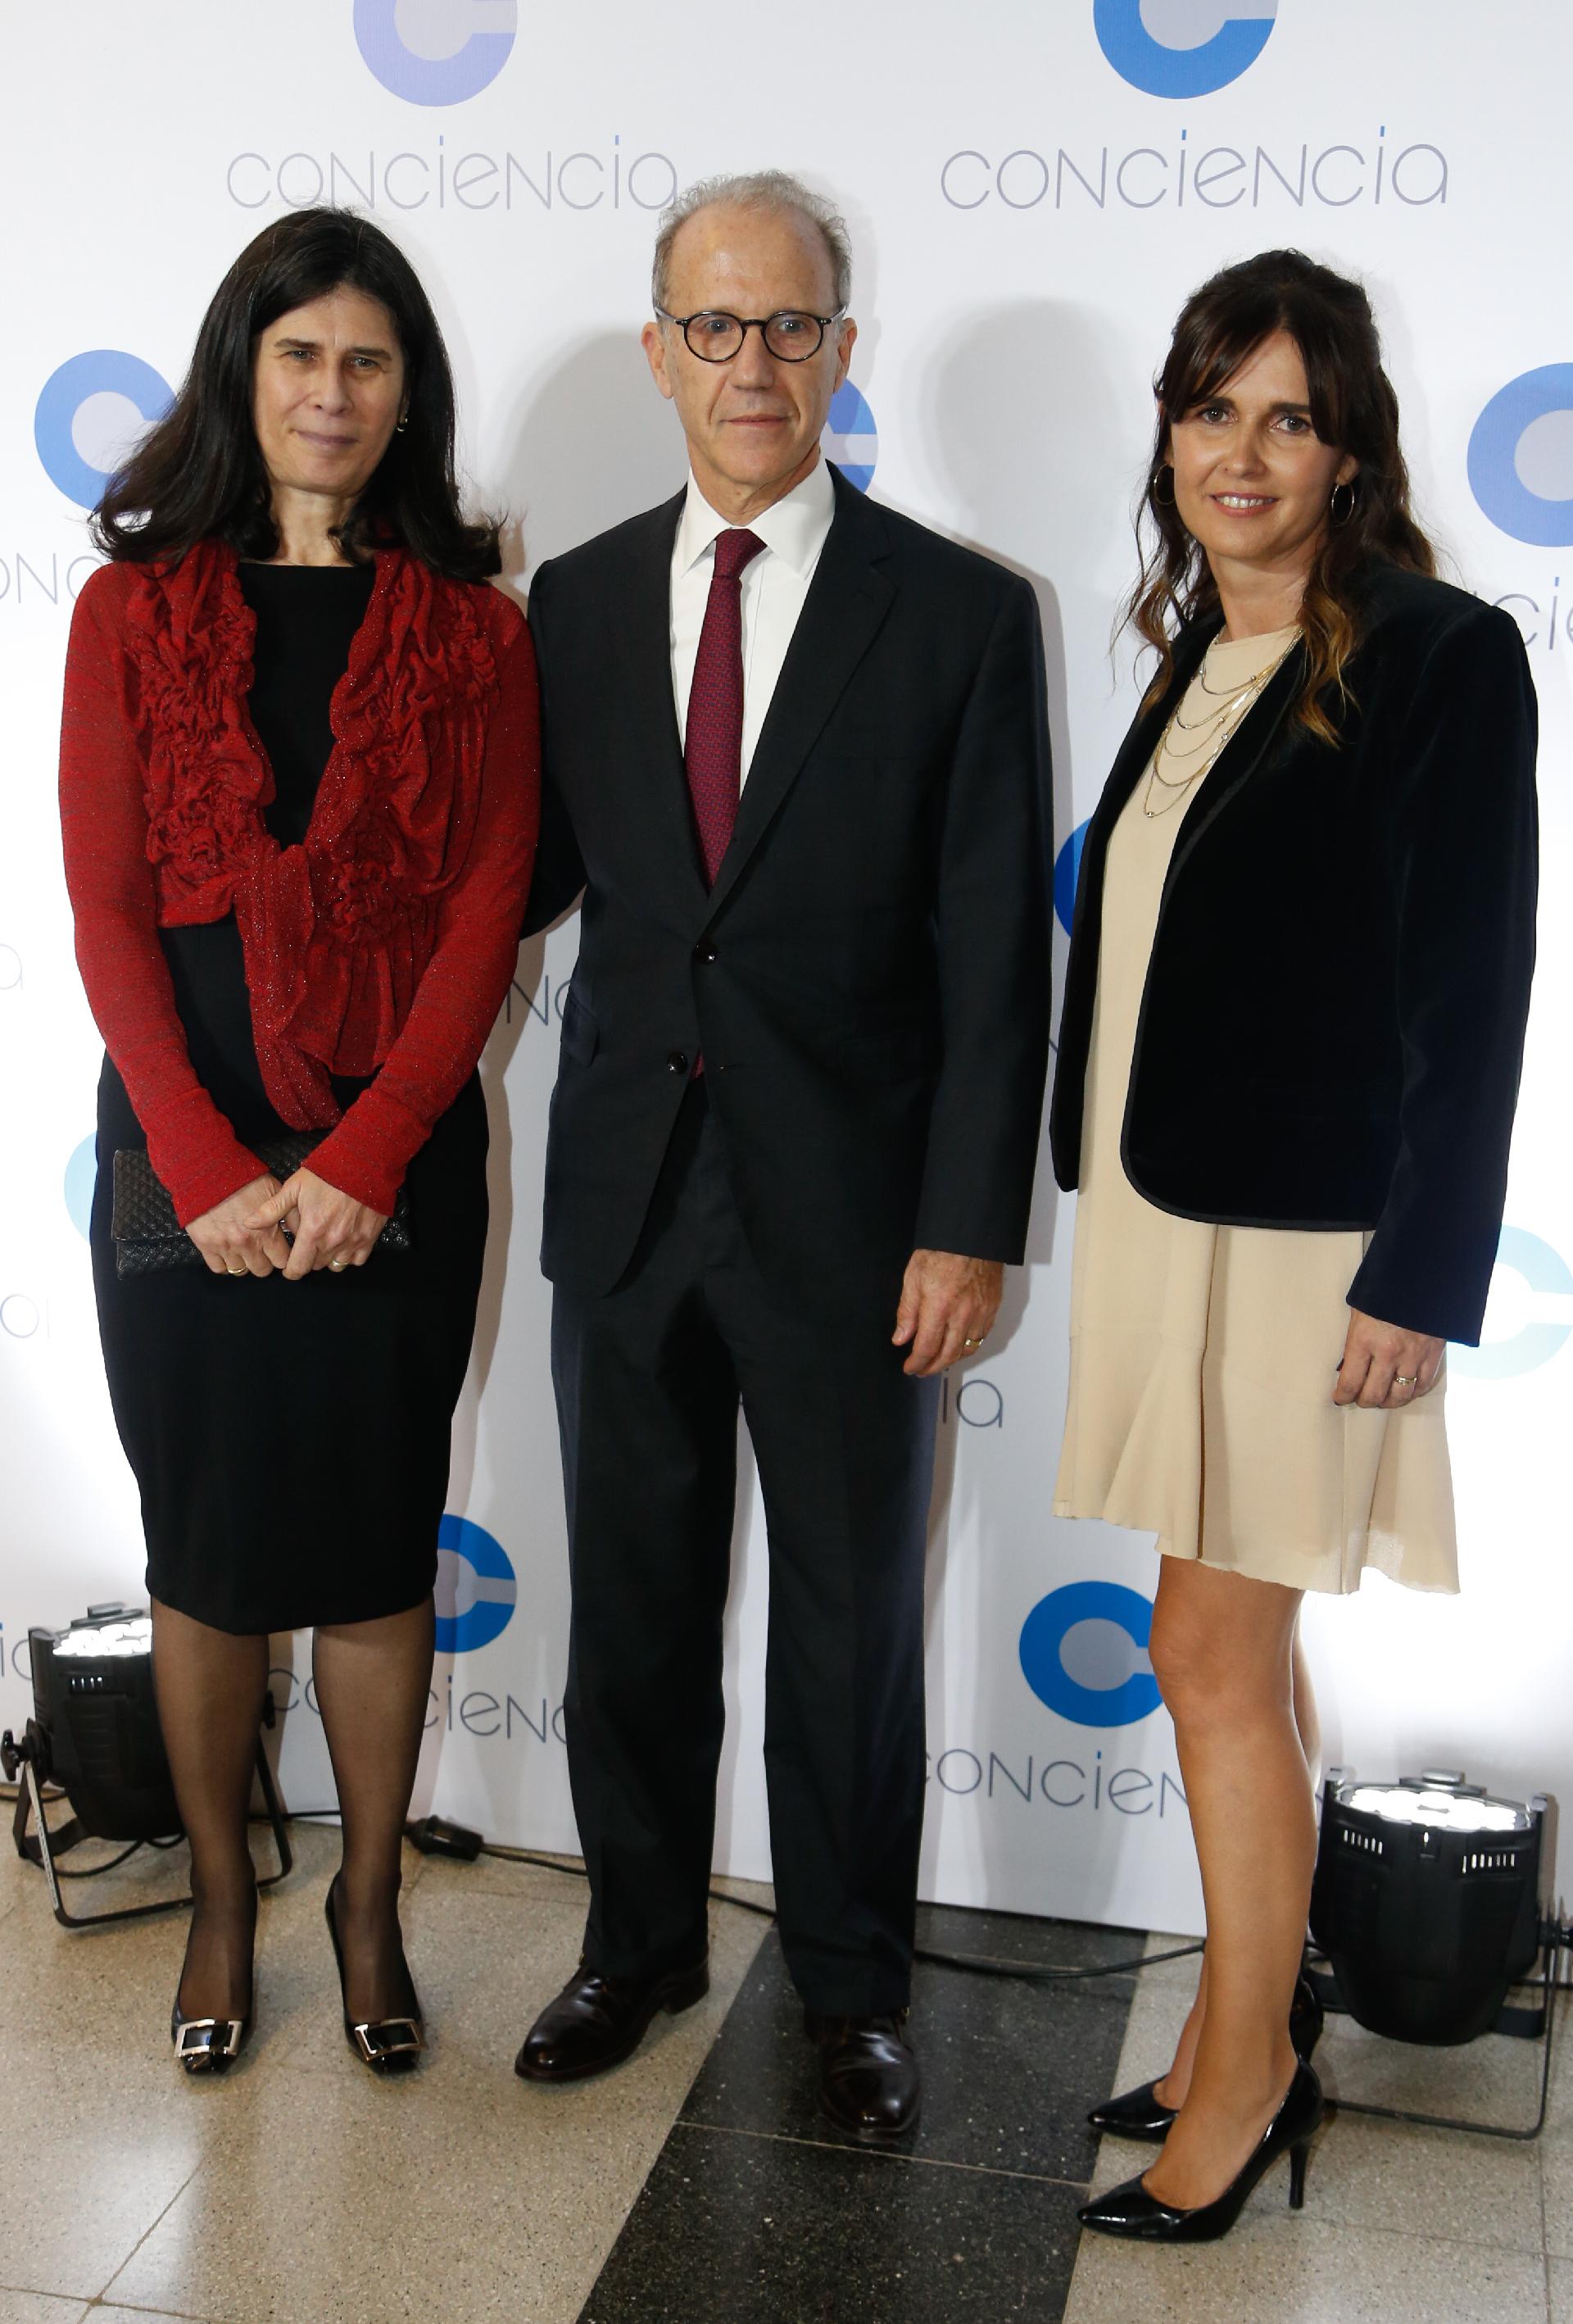 El presidente de la Corte Suprema, Carlos Rosenkrantz, y su mujer Agustina Cavanagh, junto a Beby Lacroze